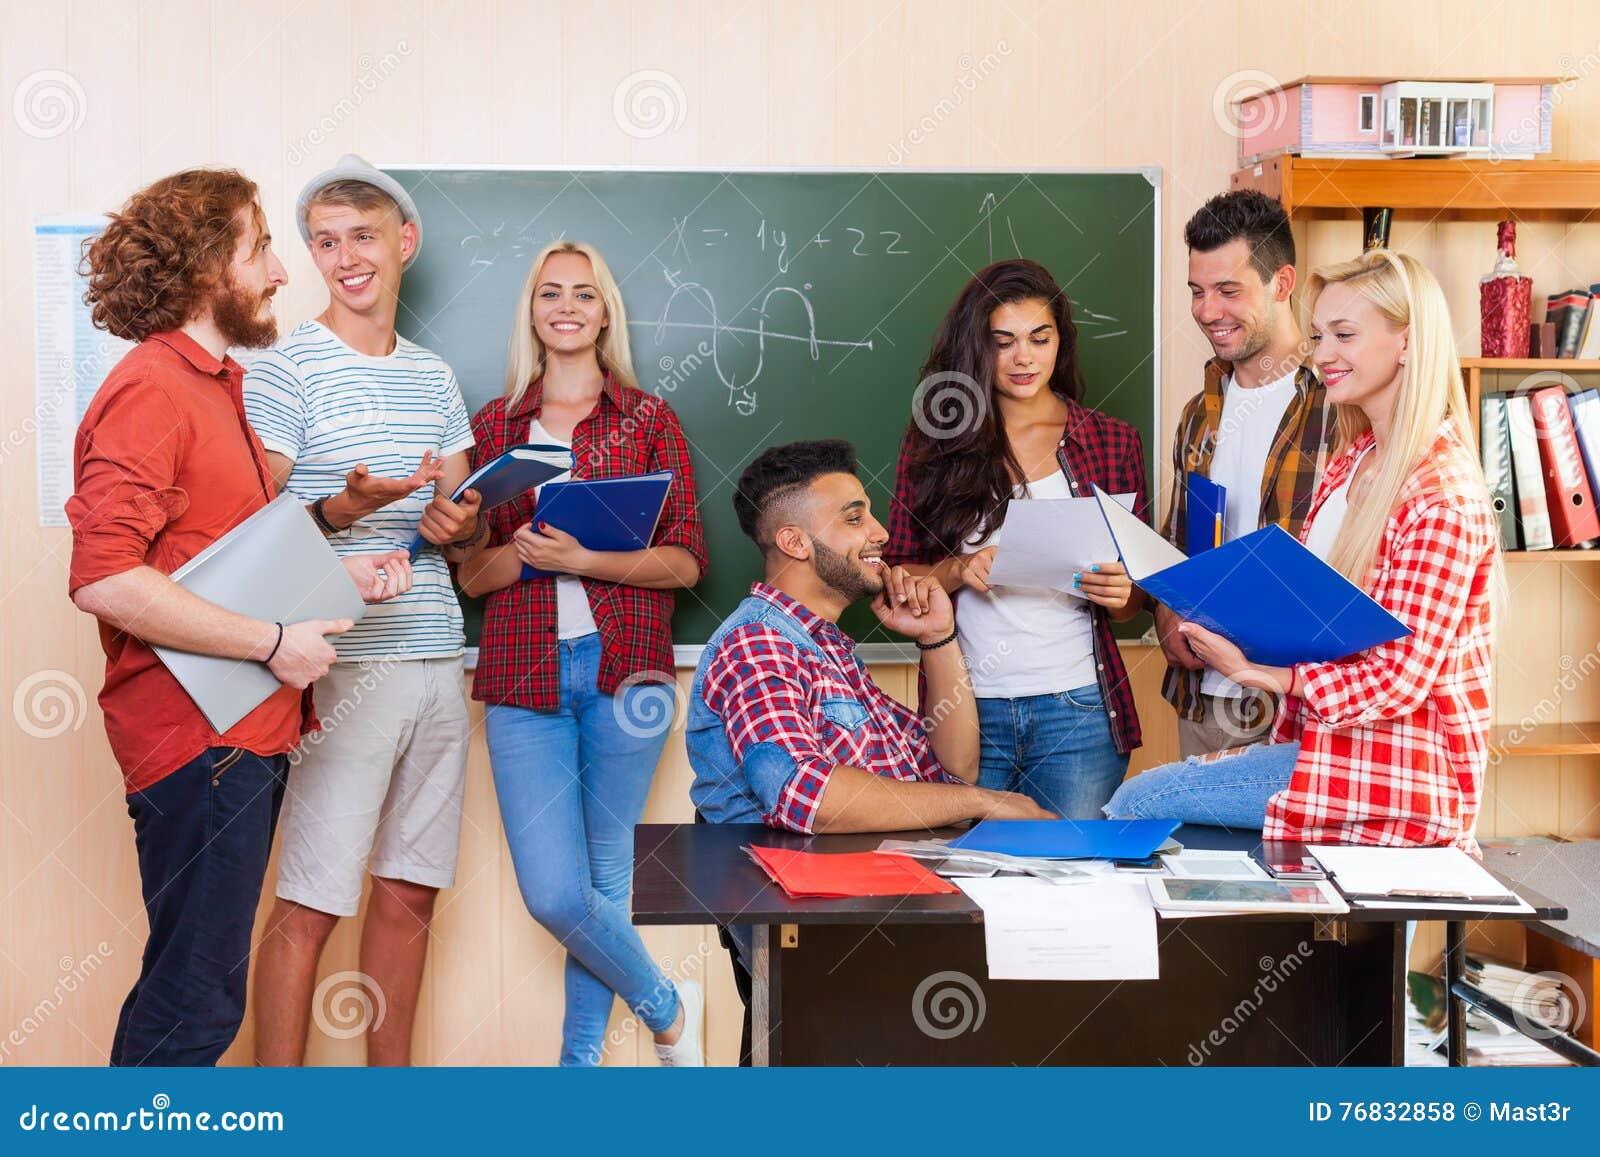 Ομάδα γυμνασίου σπουδαστών που συζητά την πανεπιστημιακή τάξη, περιστασιακή επικοινωνία νέων